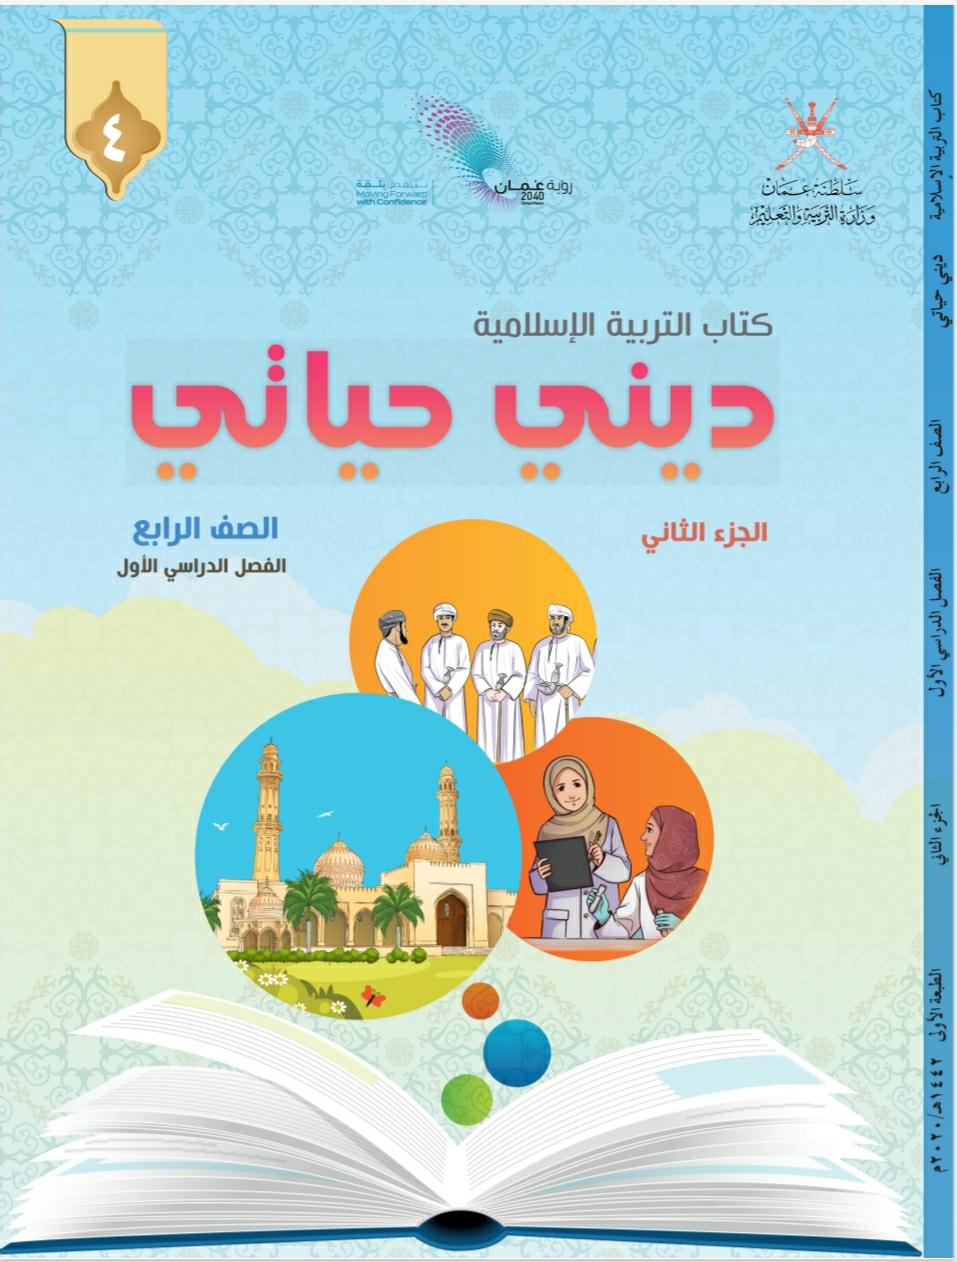 تحميل كتاب التربية الإسلامية ديني حياتي الجديد للصف الرابع الفصل الاول In 2021 Blog Posts Blog Map